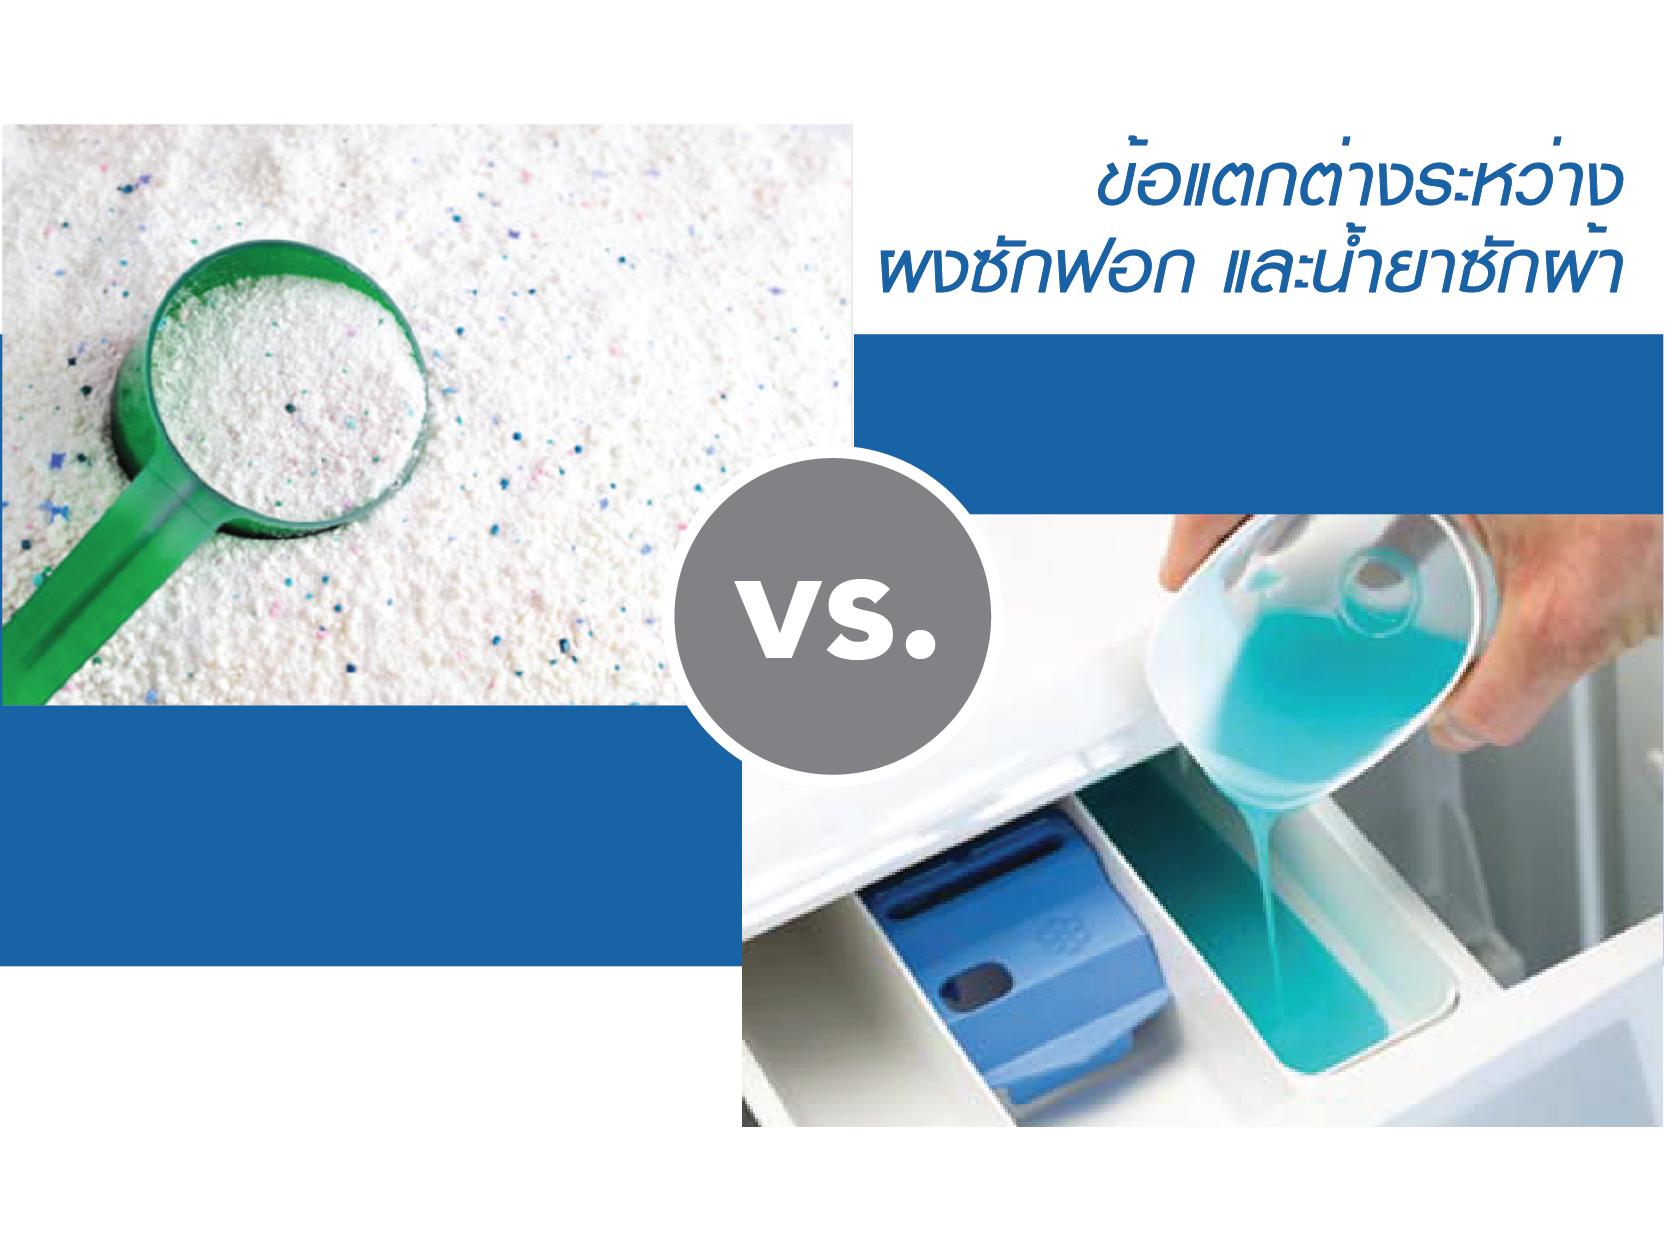 ข้อแตกต่างระหว่าง ผงซักฟอก และน้ำยาซักผ้า